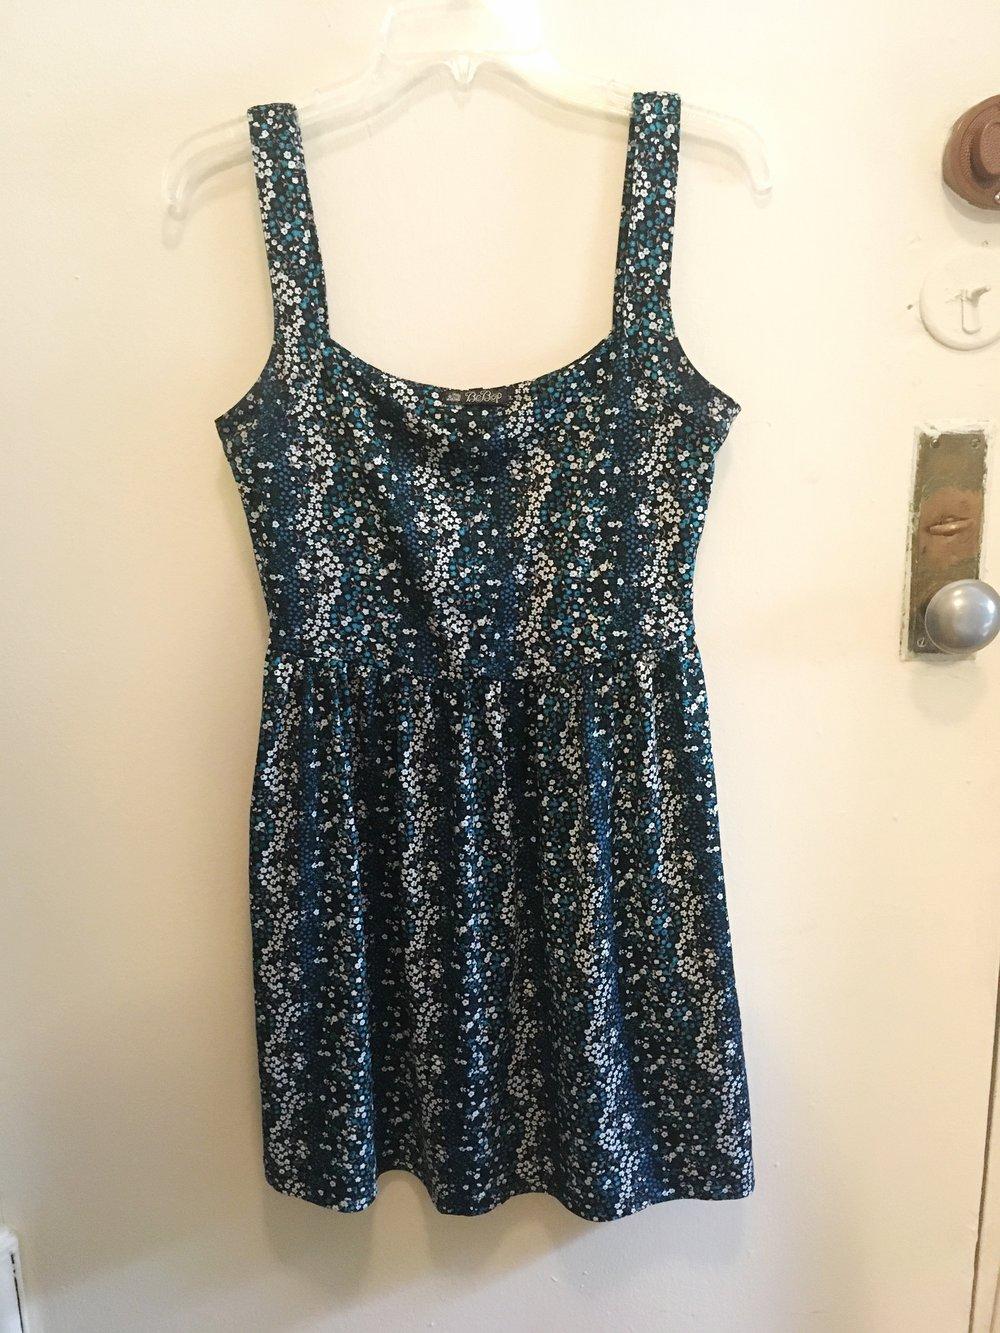 Floral A-Line Dress, $15